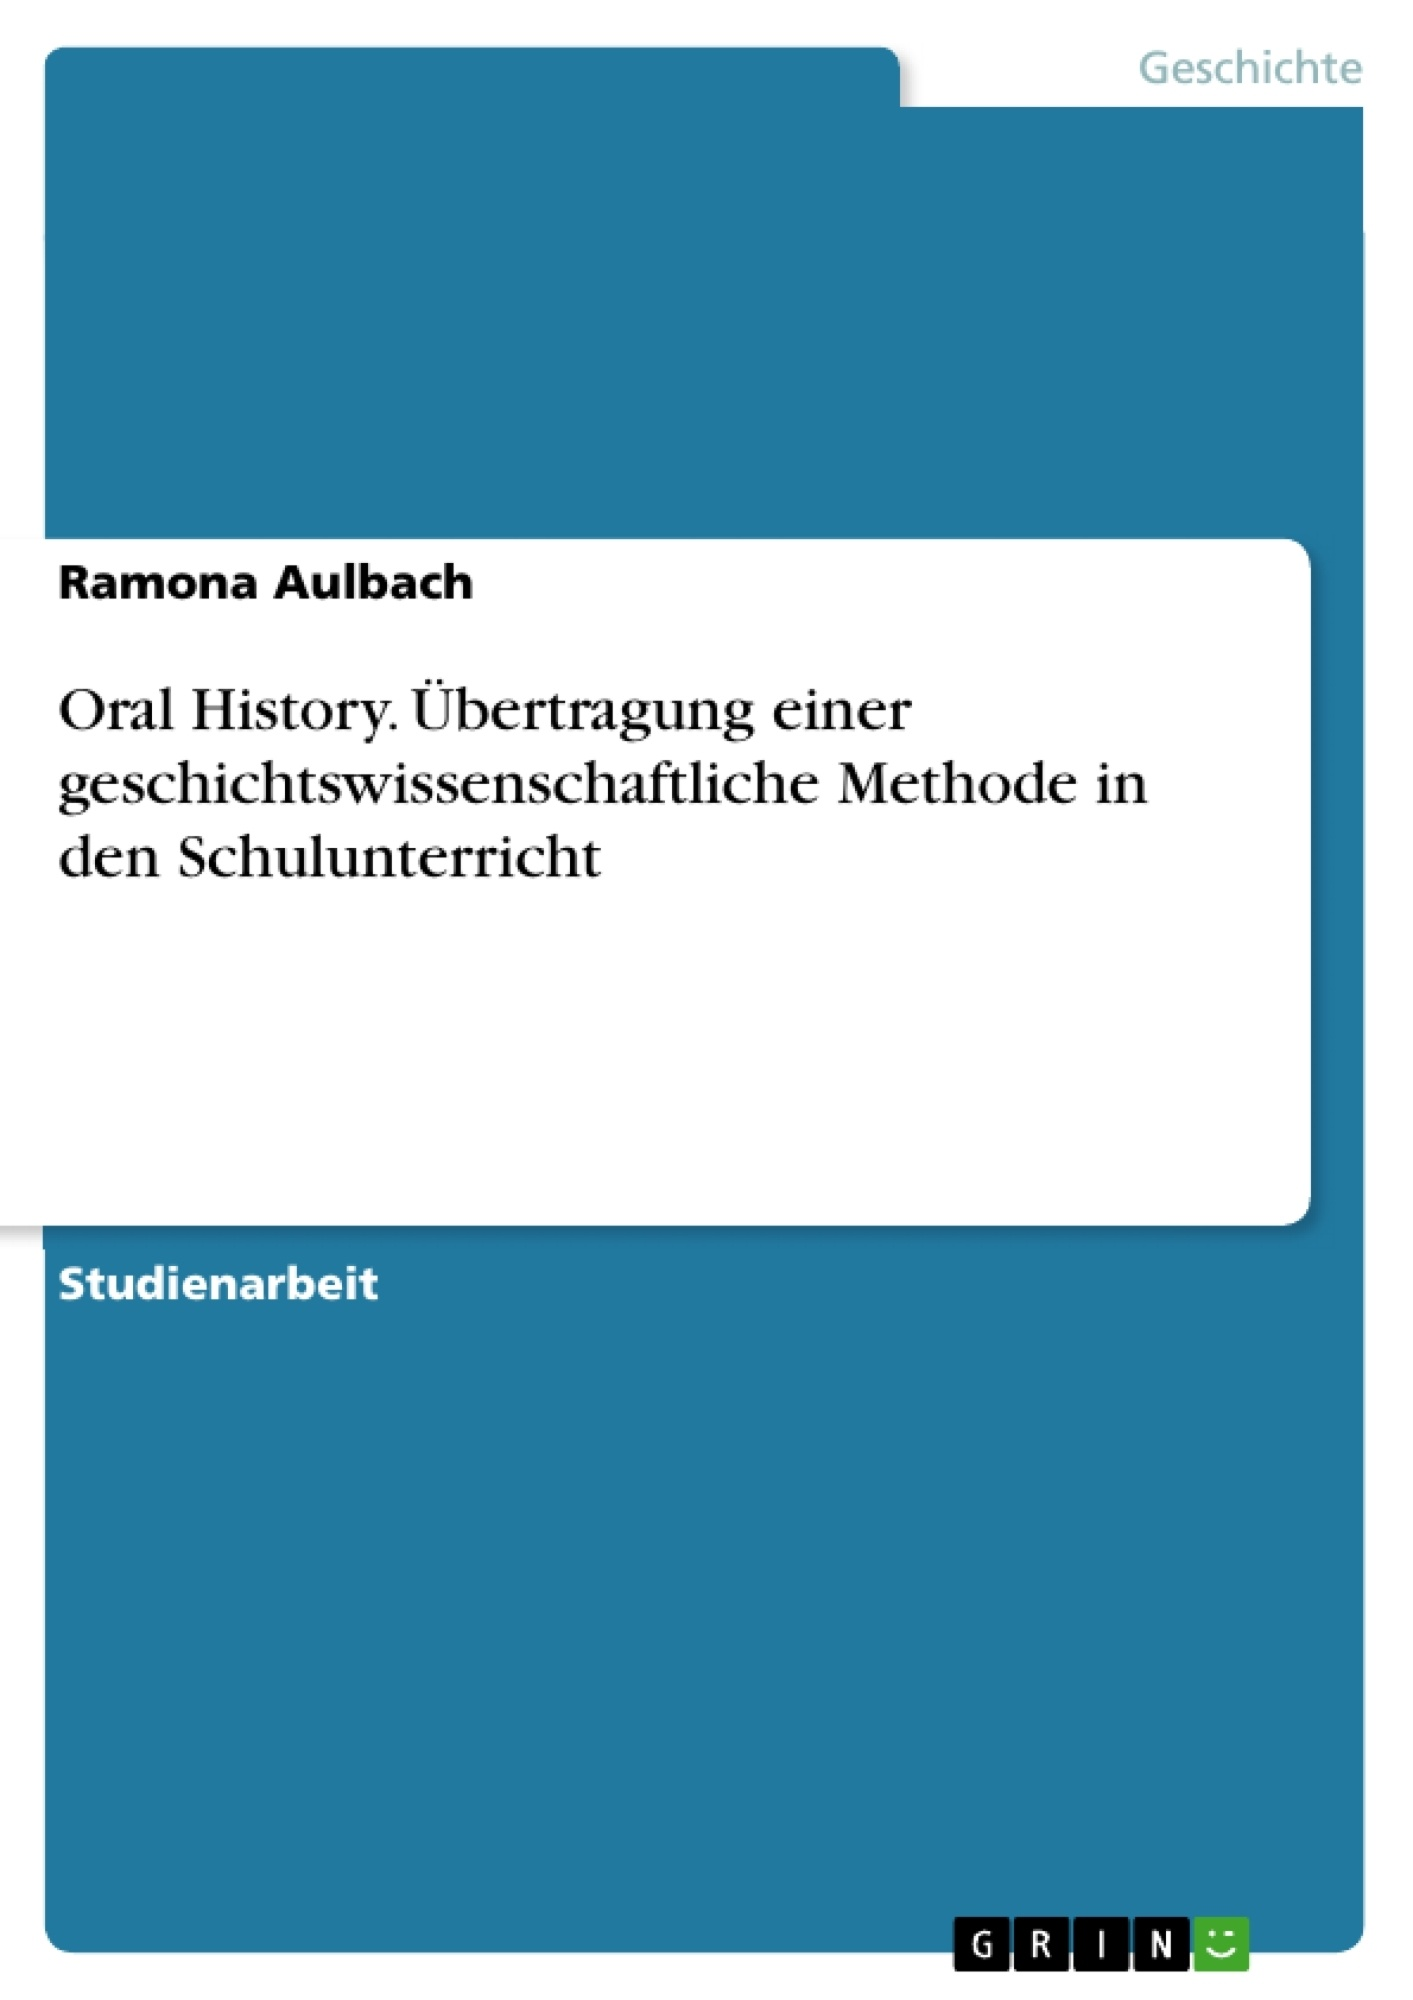 Titel: Oral History. Übertragung einer geschichtswissenschaftliche Methode in den Schulunterricht